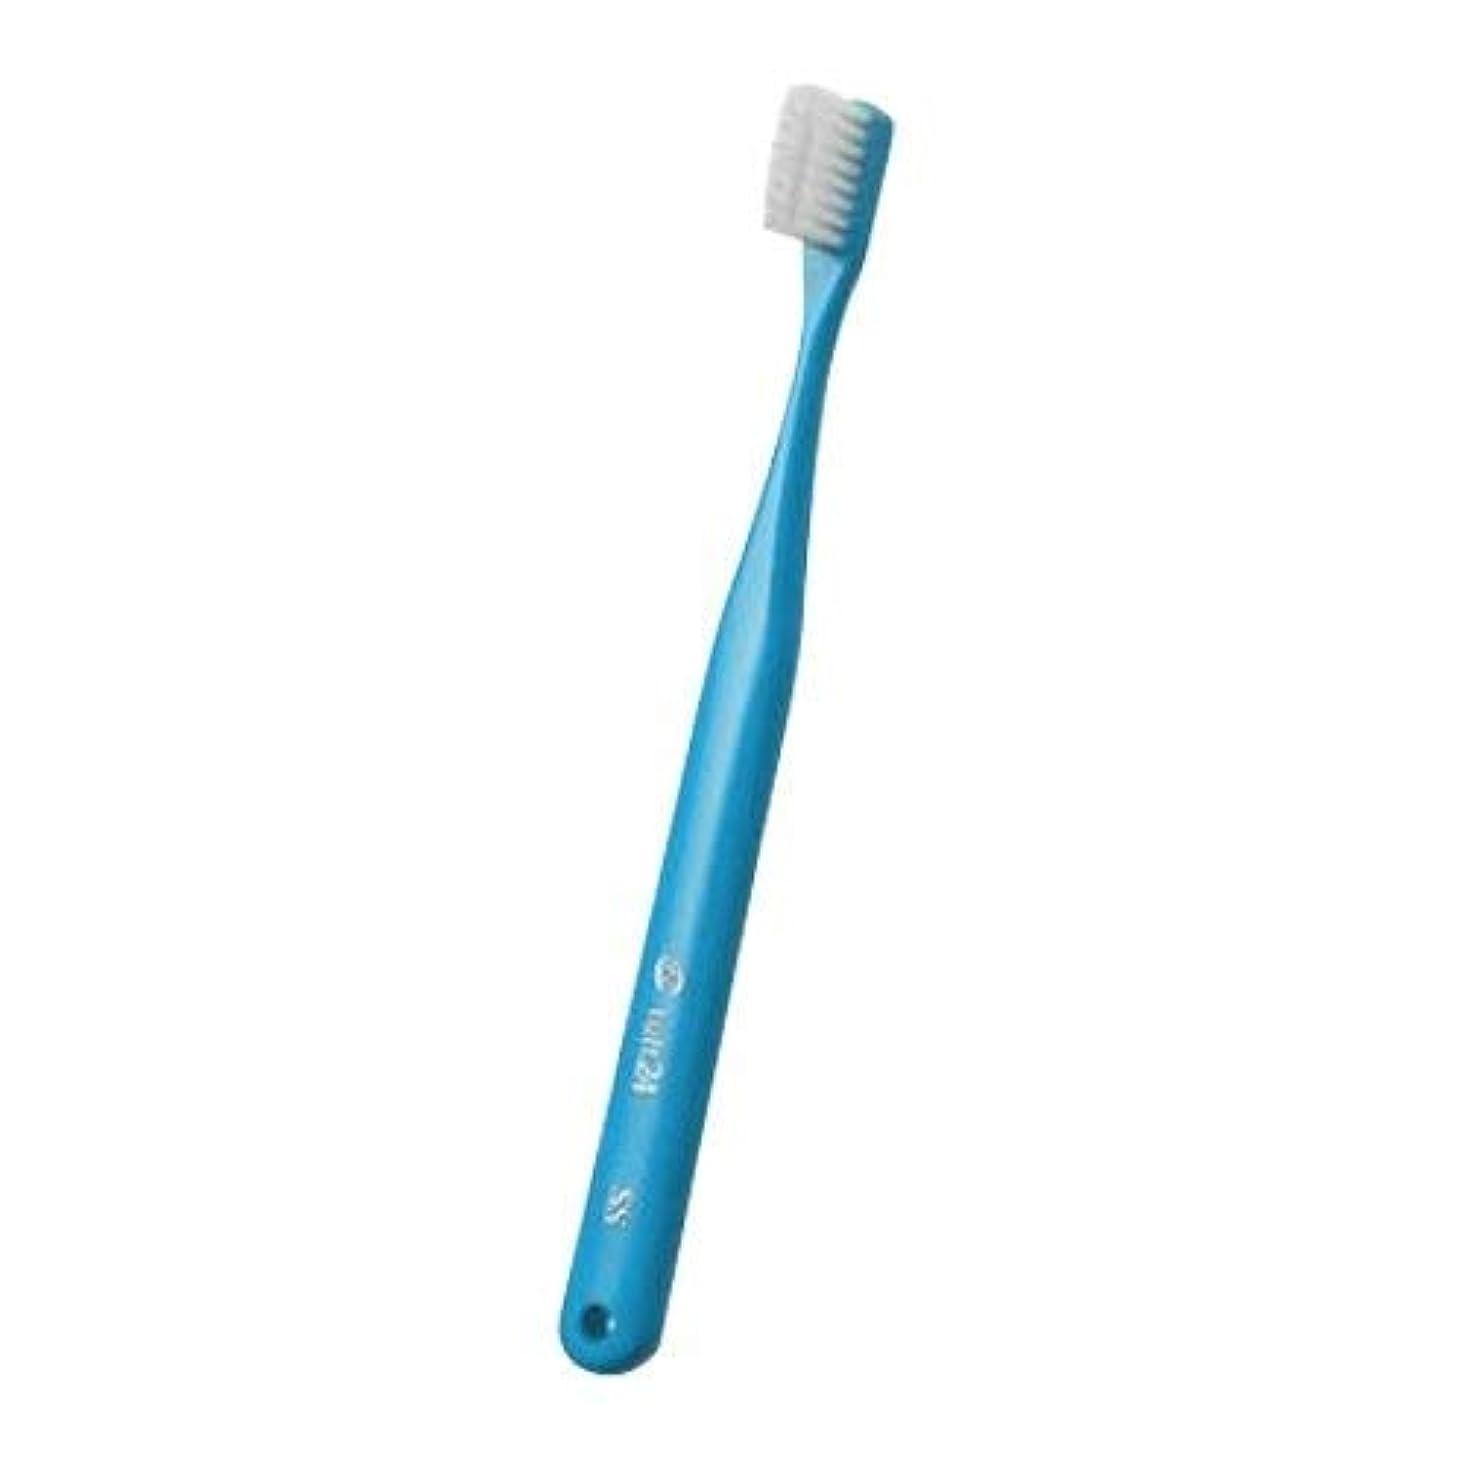 キャップ付き タフト 24 歯ブラシ スーパーソフト 1本 (ブルー)